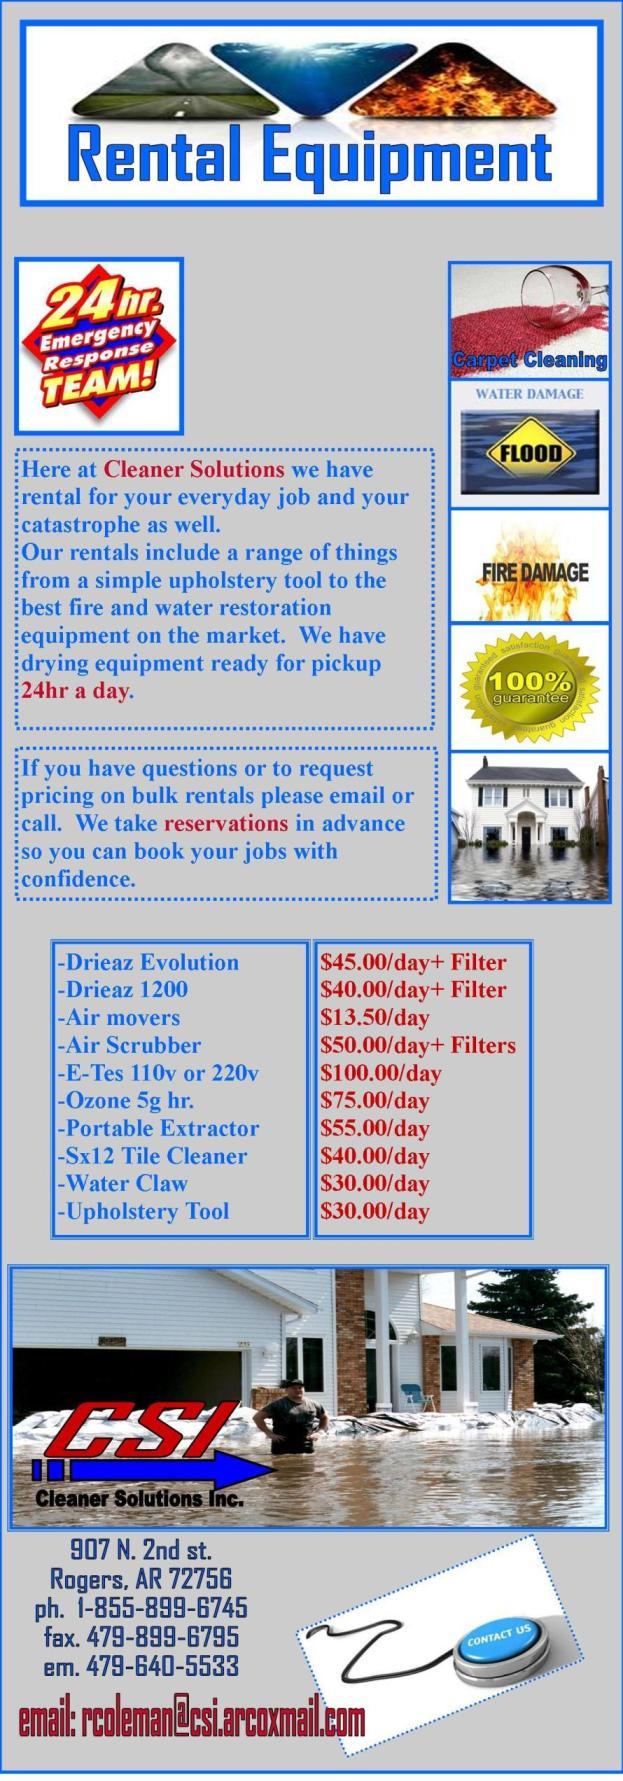 rentalequipmentwebpage3.jpg